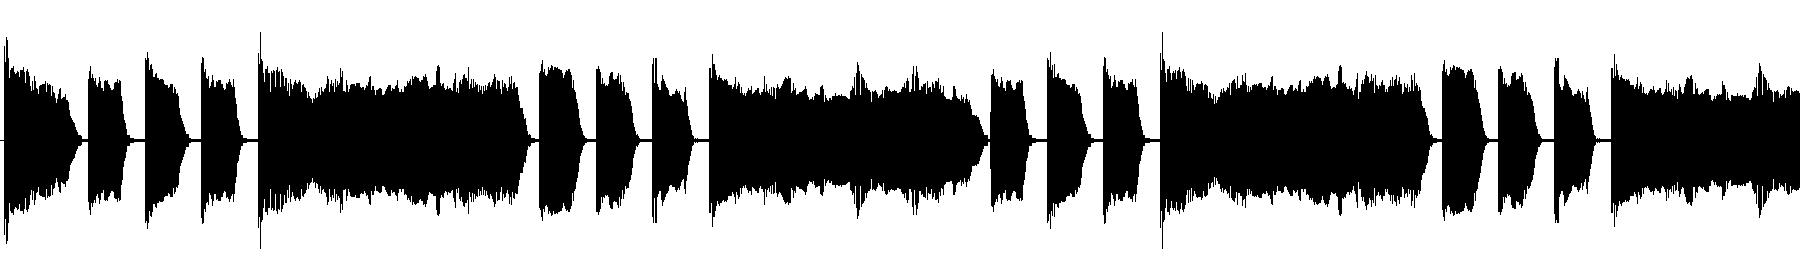 syn11 130